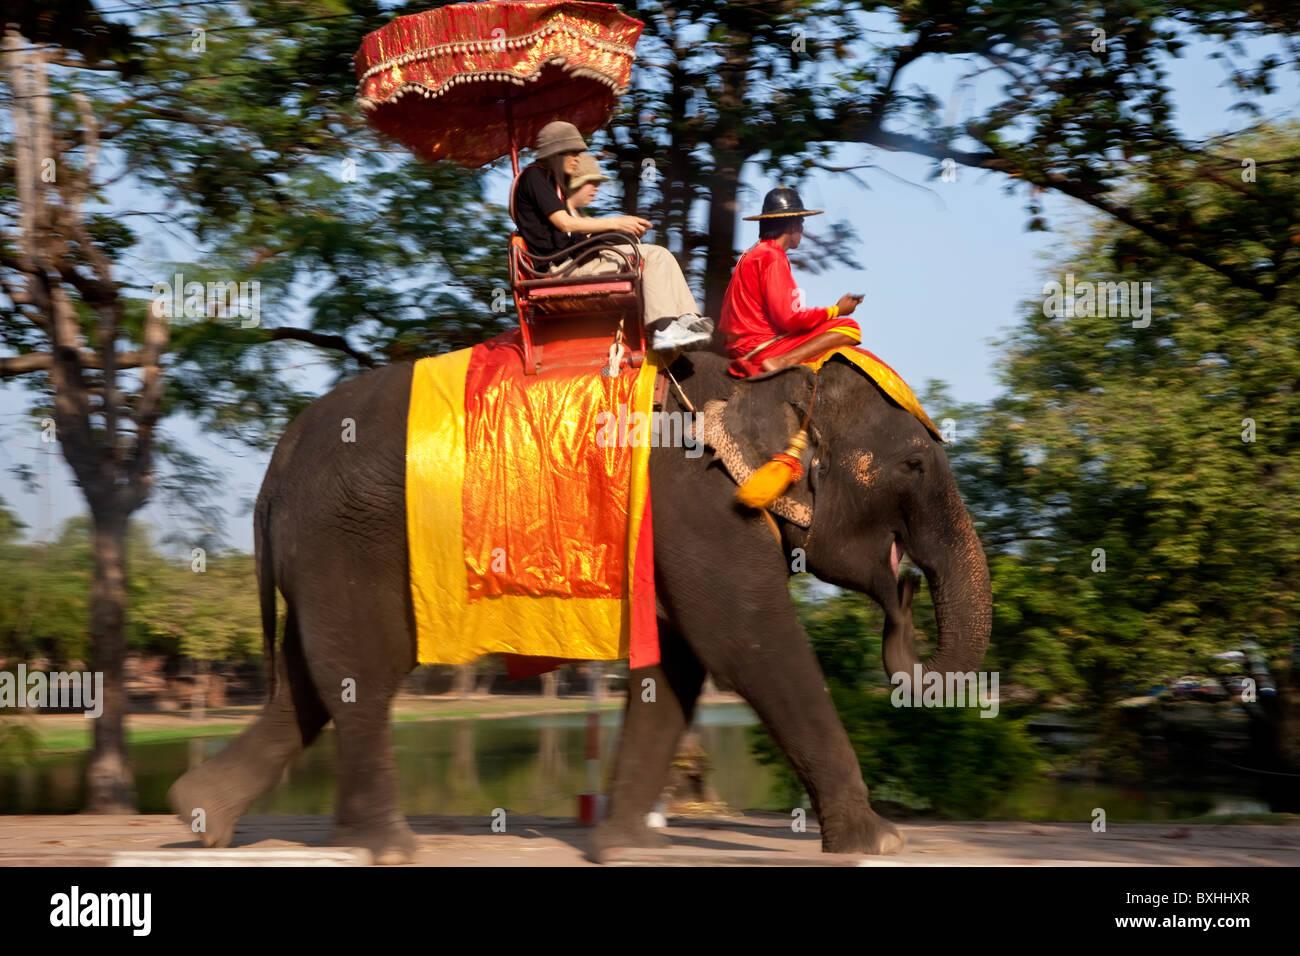 Elephant tourist rides, Ayutthaya, Thailand - Stock Image